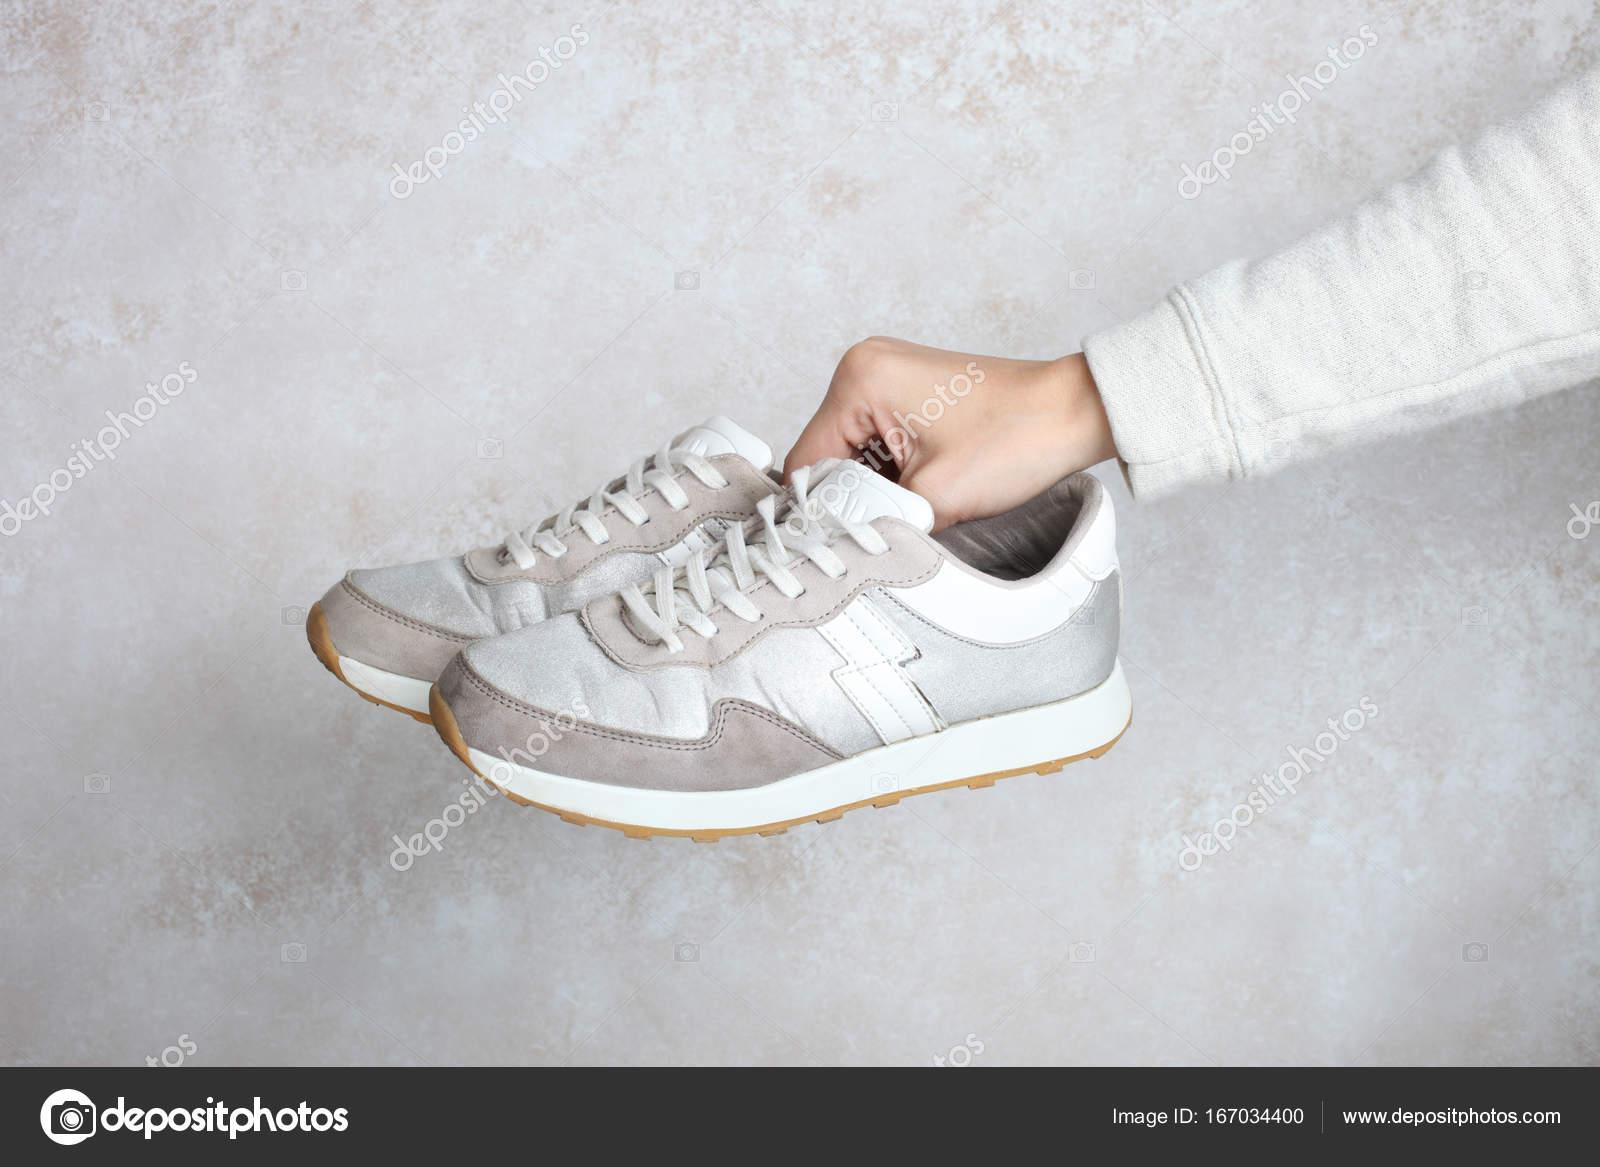 Одна пара срібні кросівки — Стокове фото — фон © Alexthq  167034400 dddea62216f47